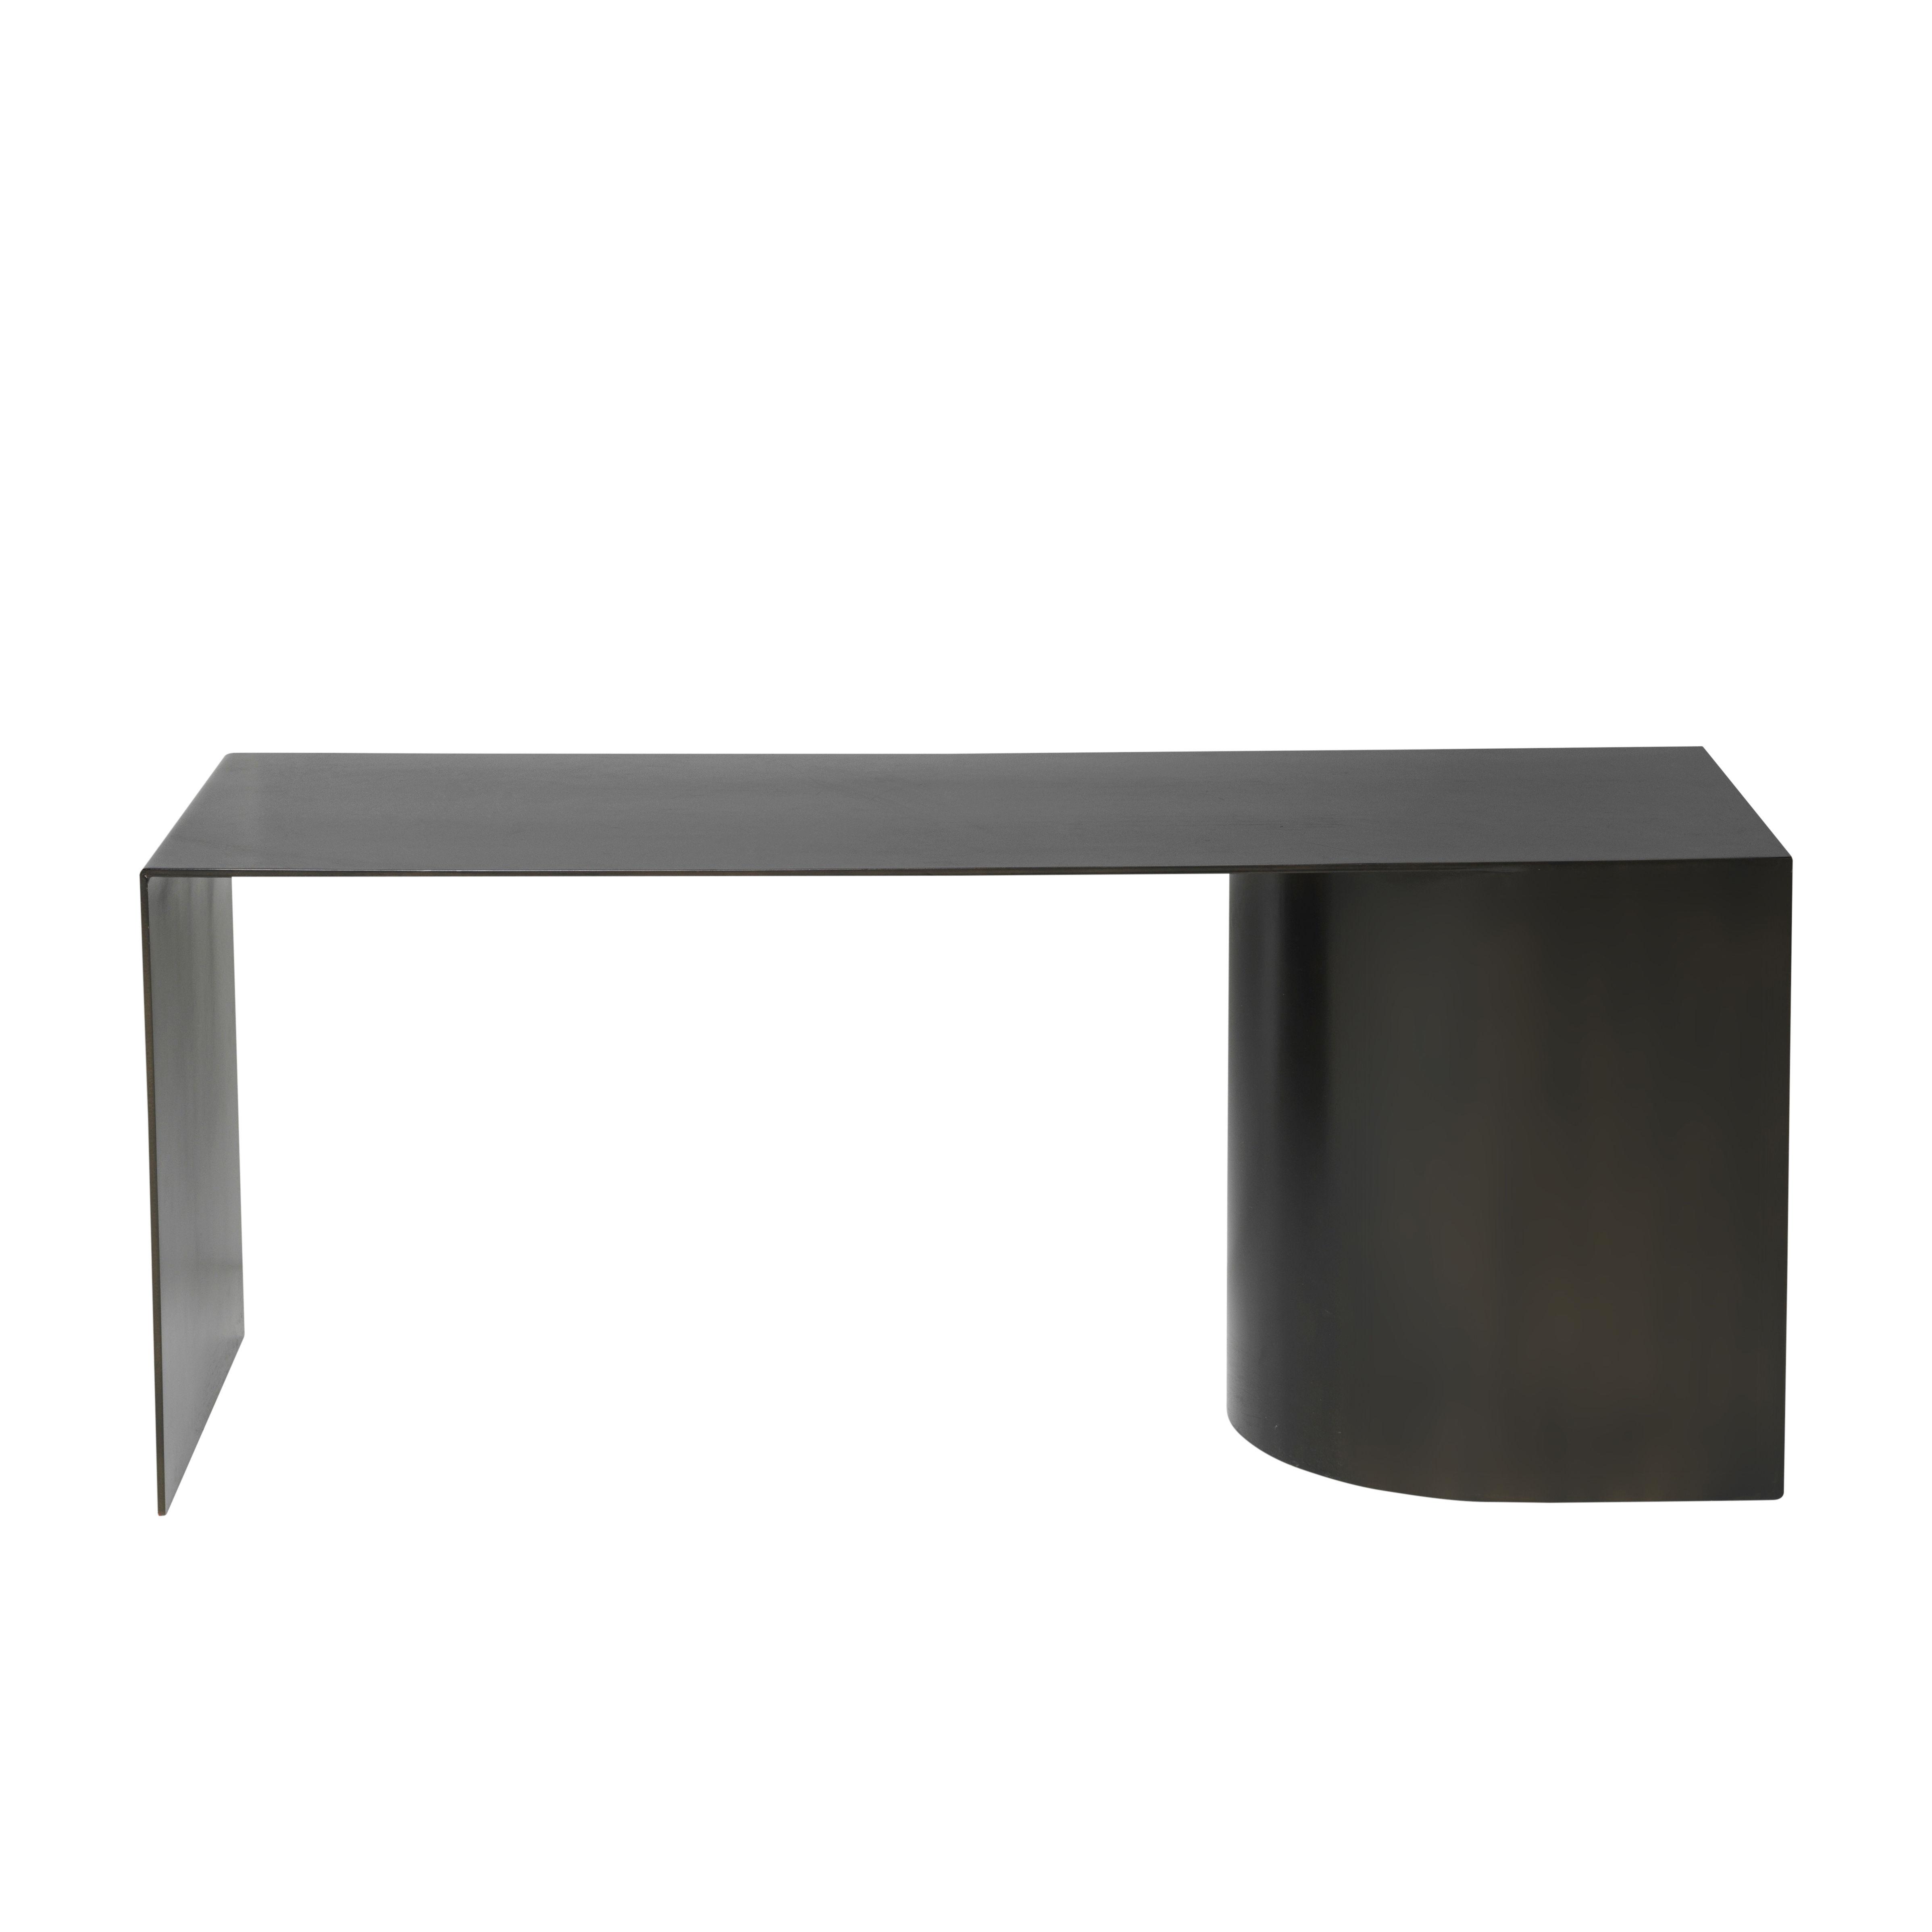 Mobilier - Banc Place / Banc - L 110 cm - Acier - Ferm Living - Noir - Acier noirci